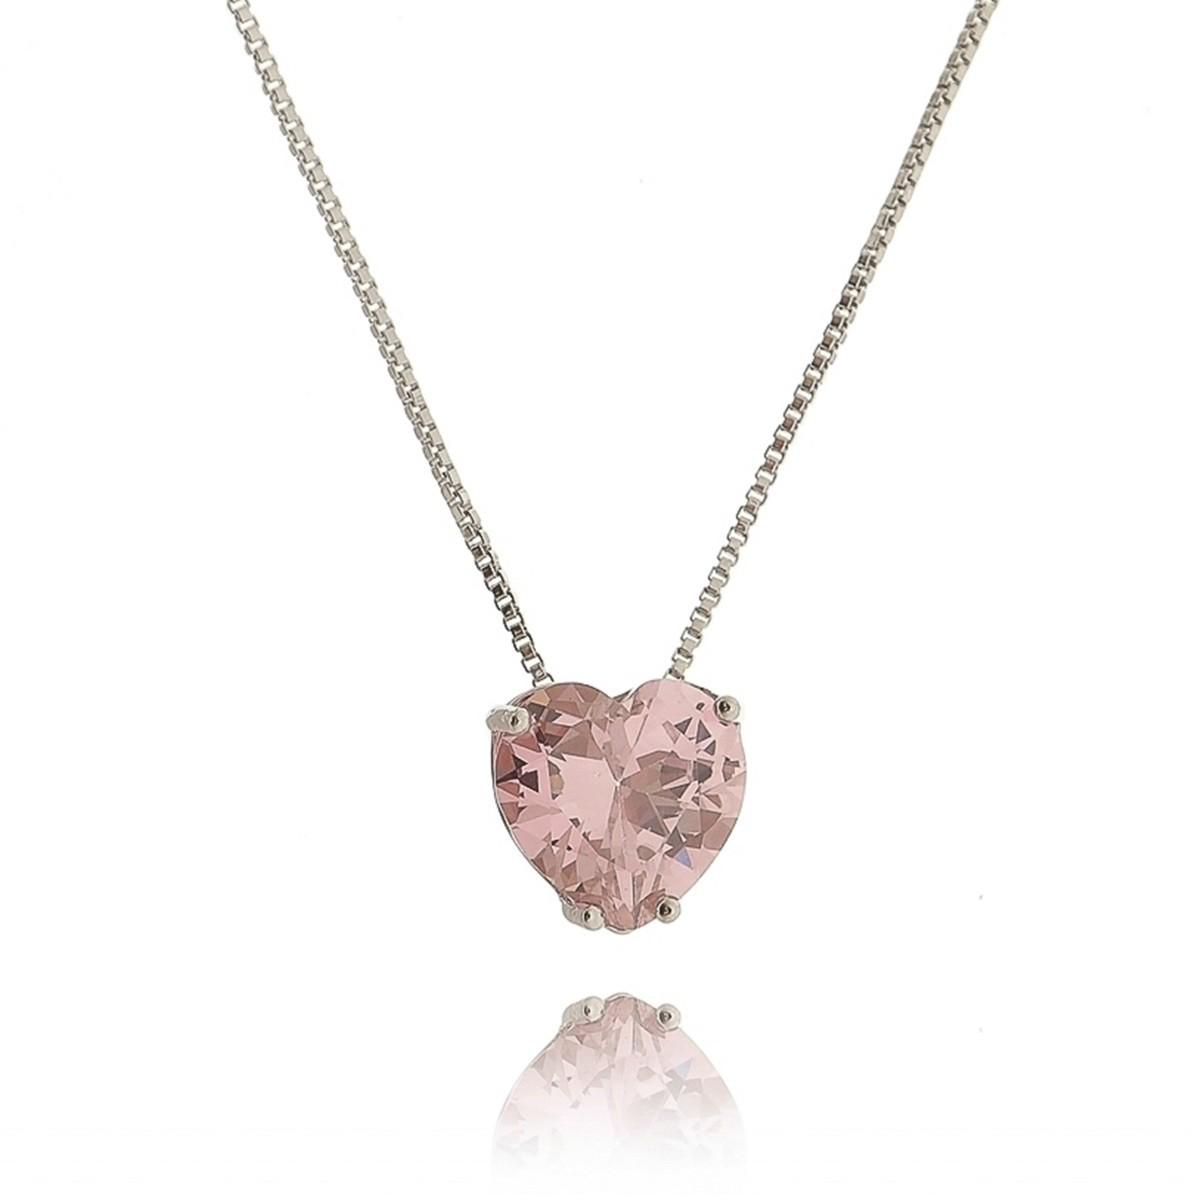 Colar com Pingente de Coração Cravejado Rosa 10 mm Semijoia Linda em Ródio Branco com Zircônia  - SOLOYOU